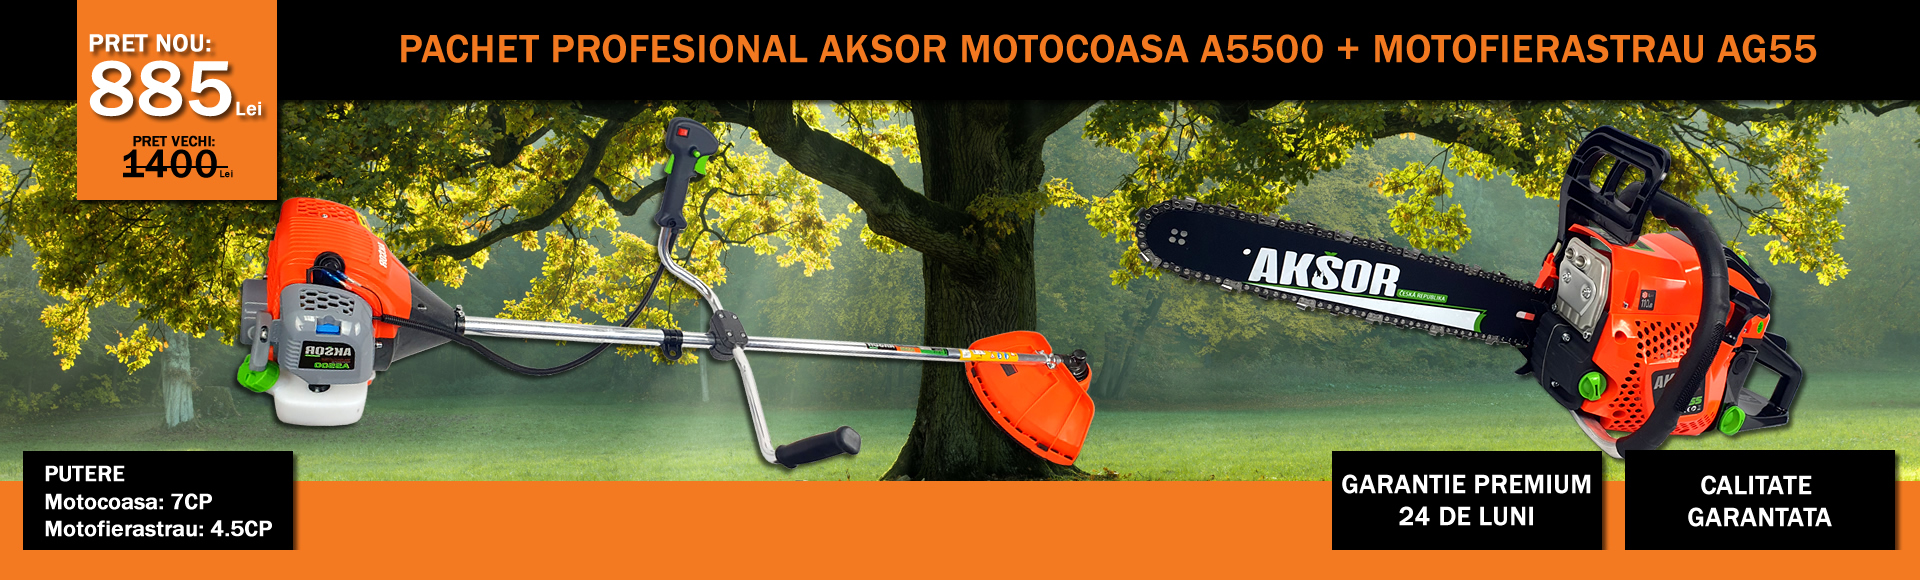 aksor 1